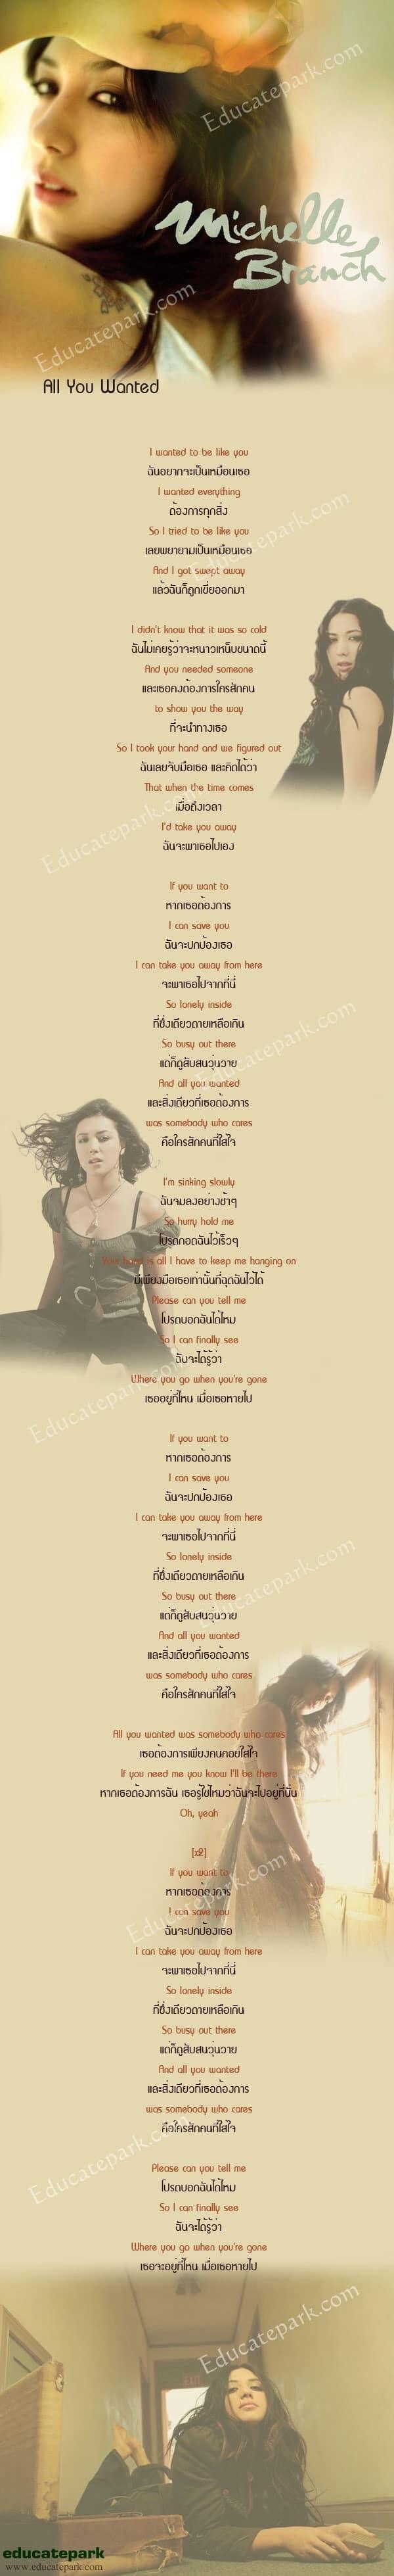 แปลเพลง All You Wanted - Michelle Branch